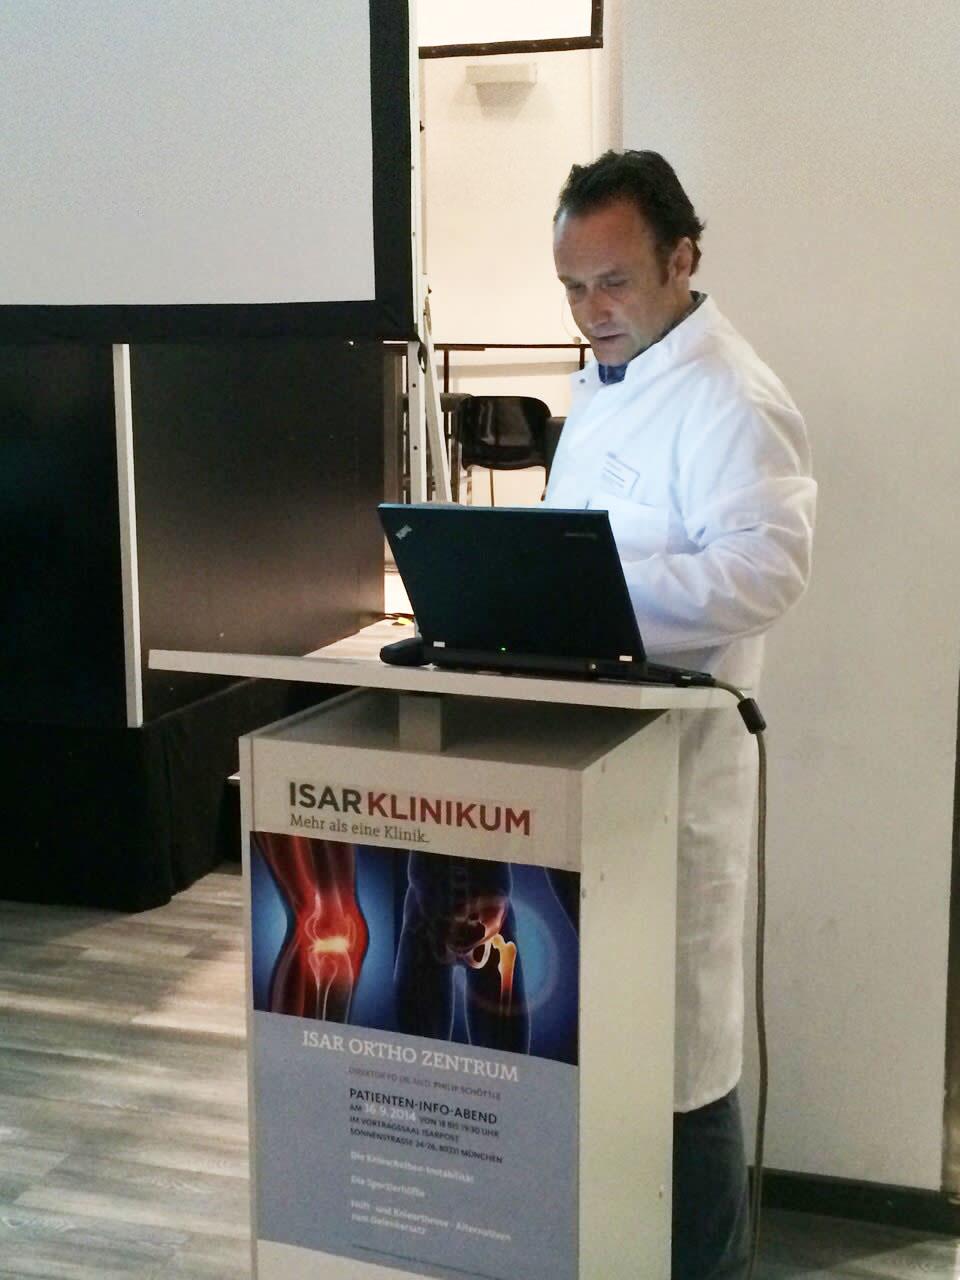 Dr. Demhartner - Vortrag im ISARKLINIKUM